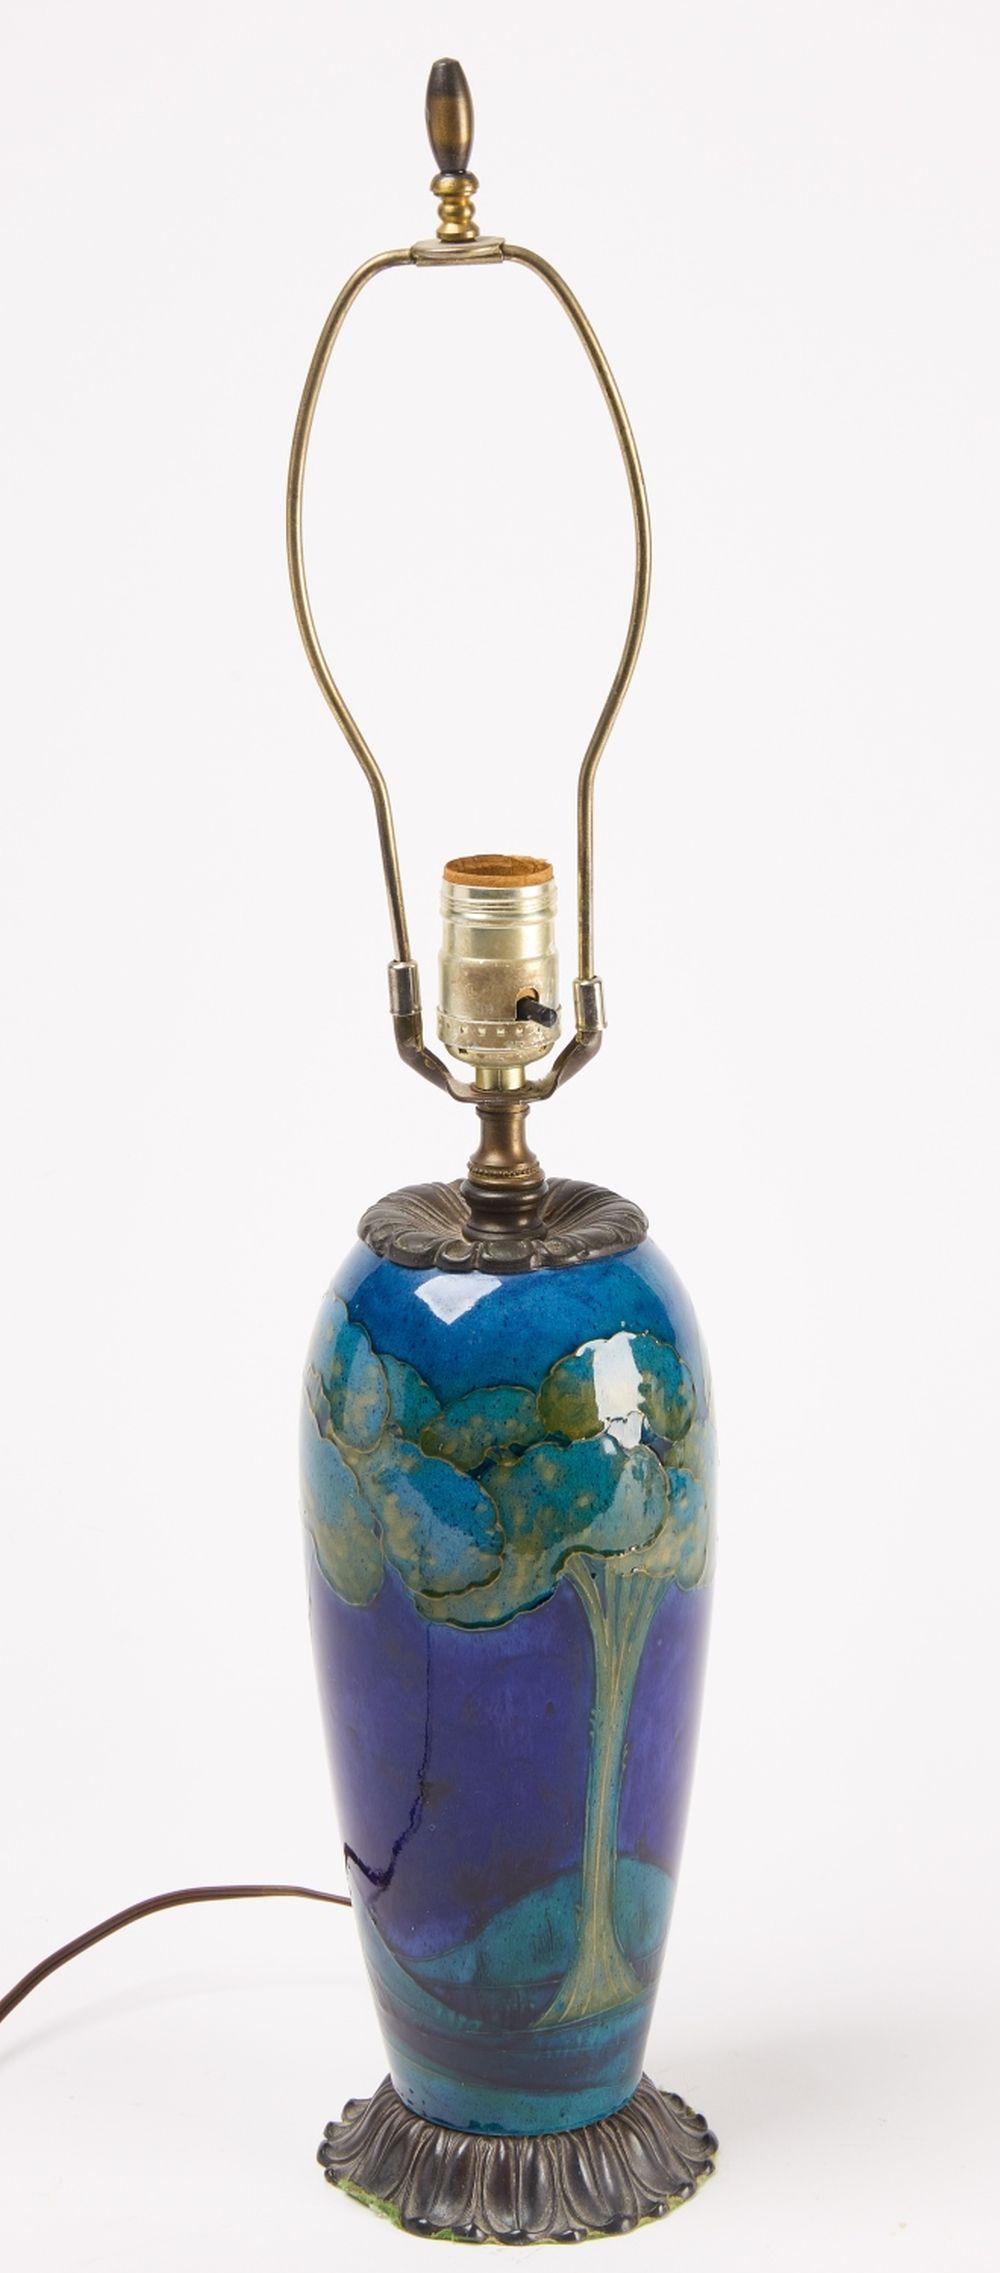 Moorecroft Moonlight Lamp